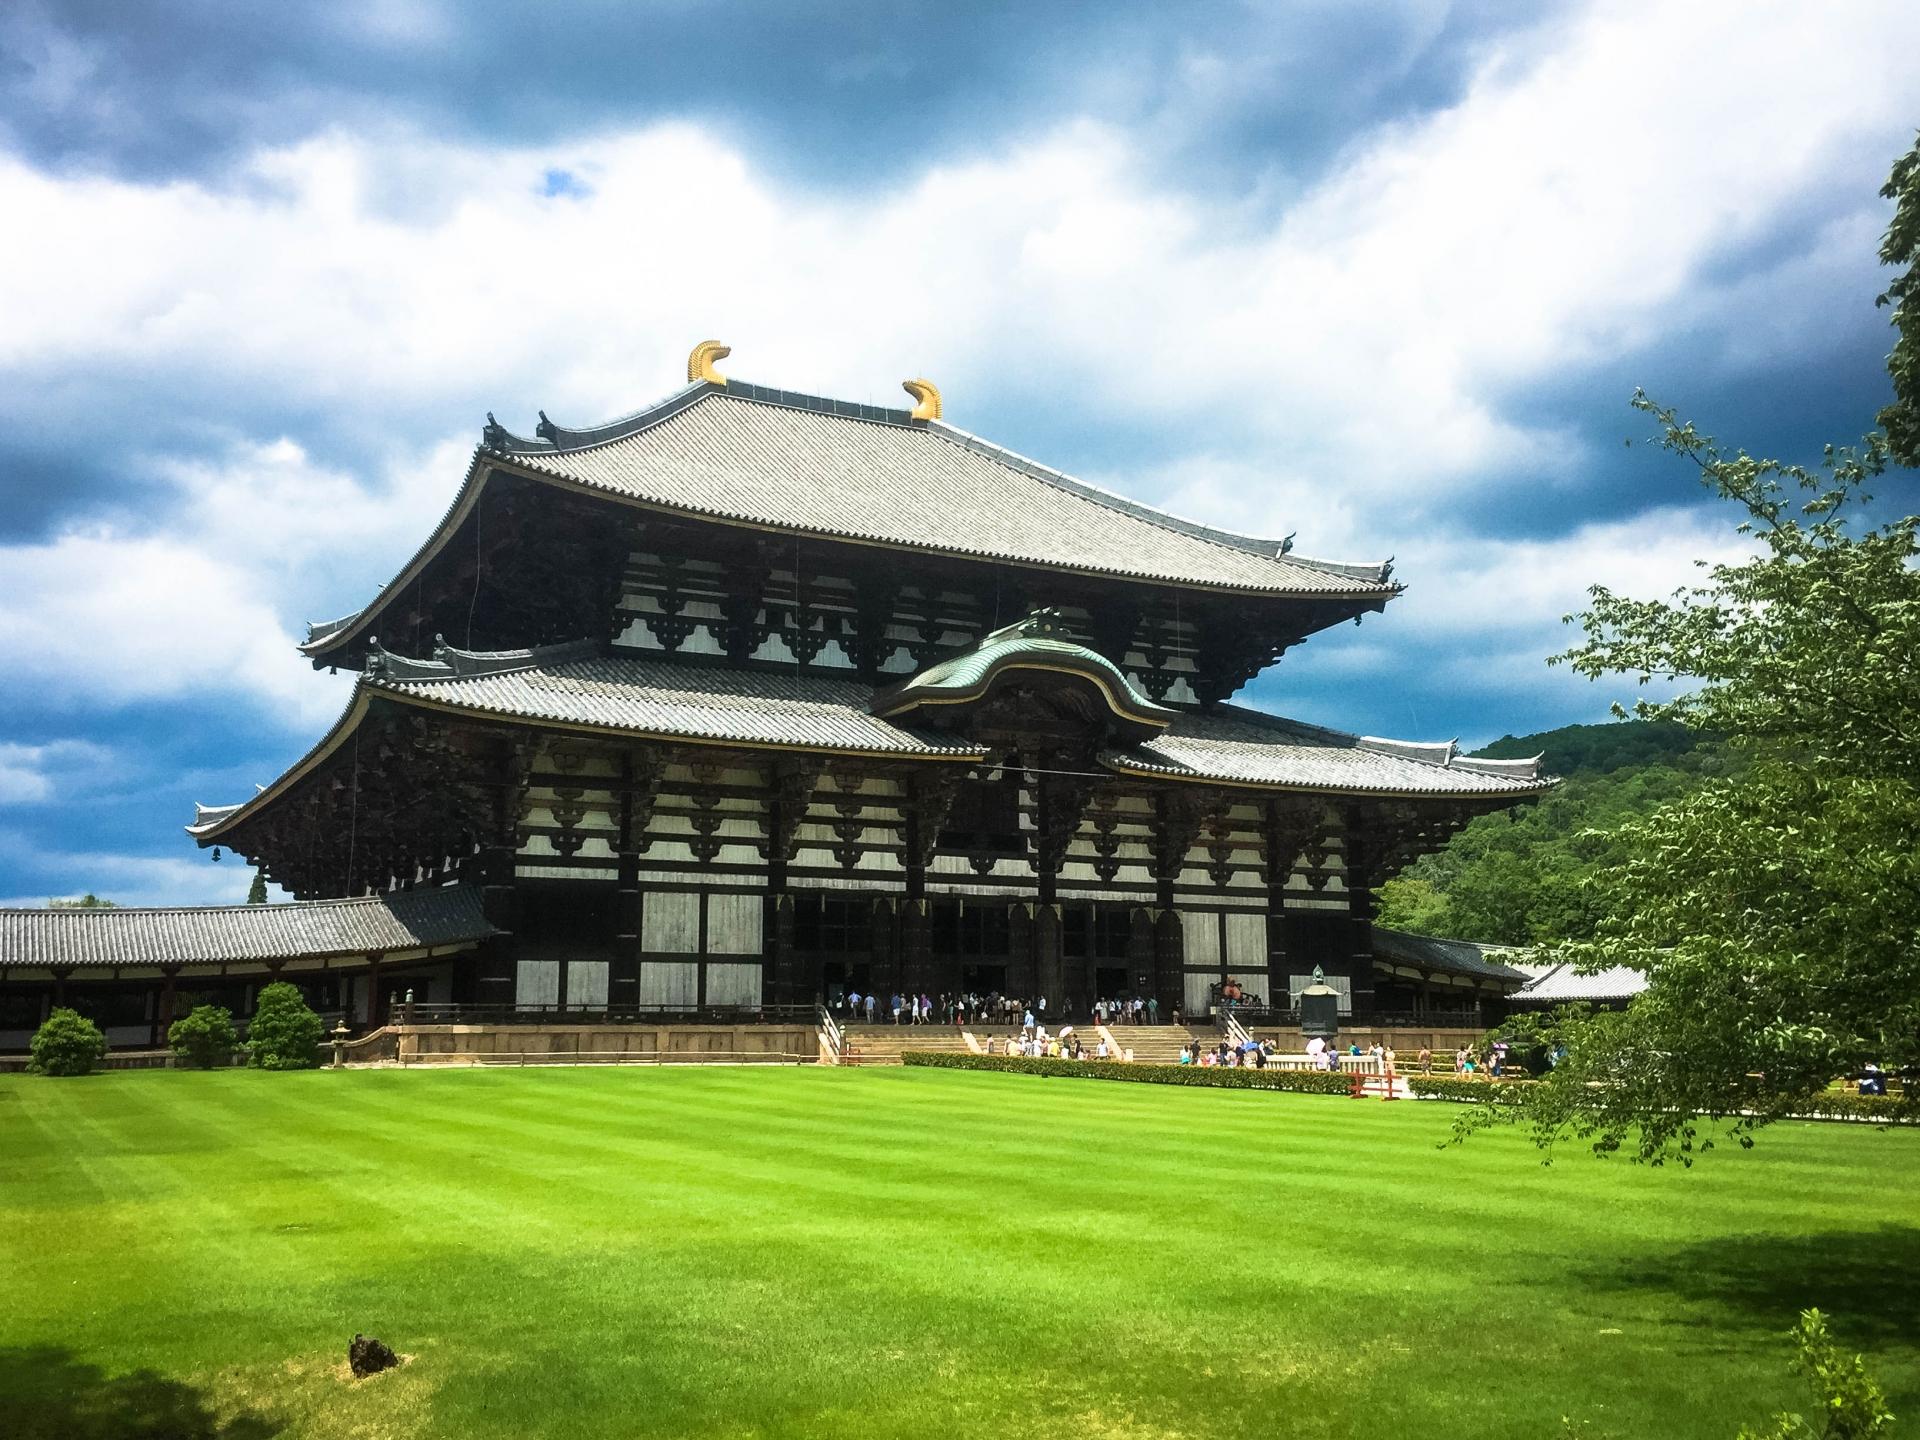 奈良の観光スポットやモデルコースと観光地図